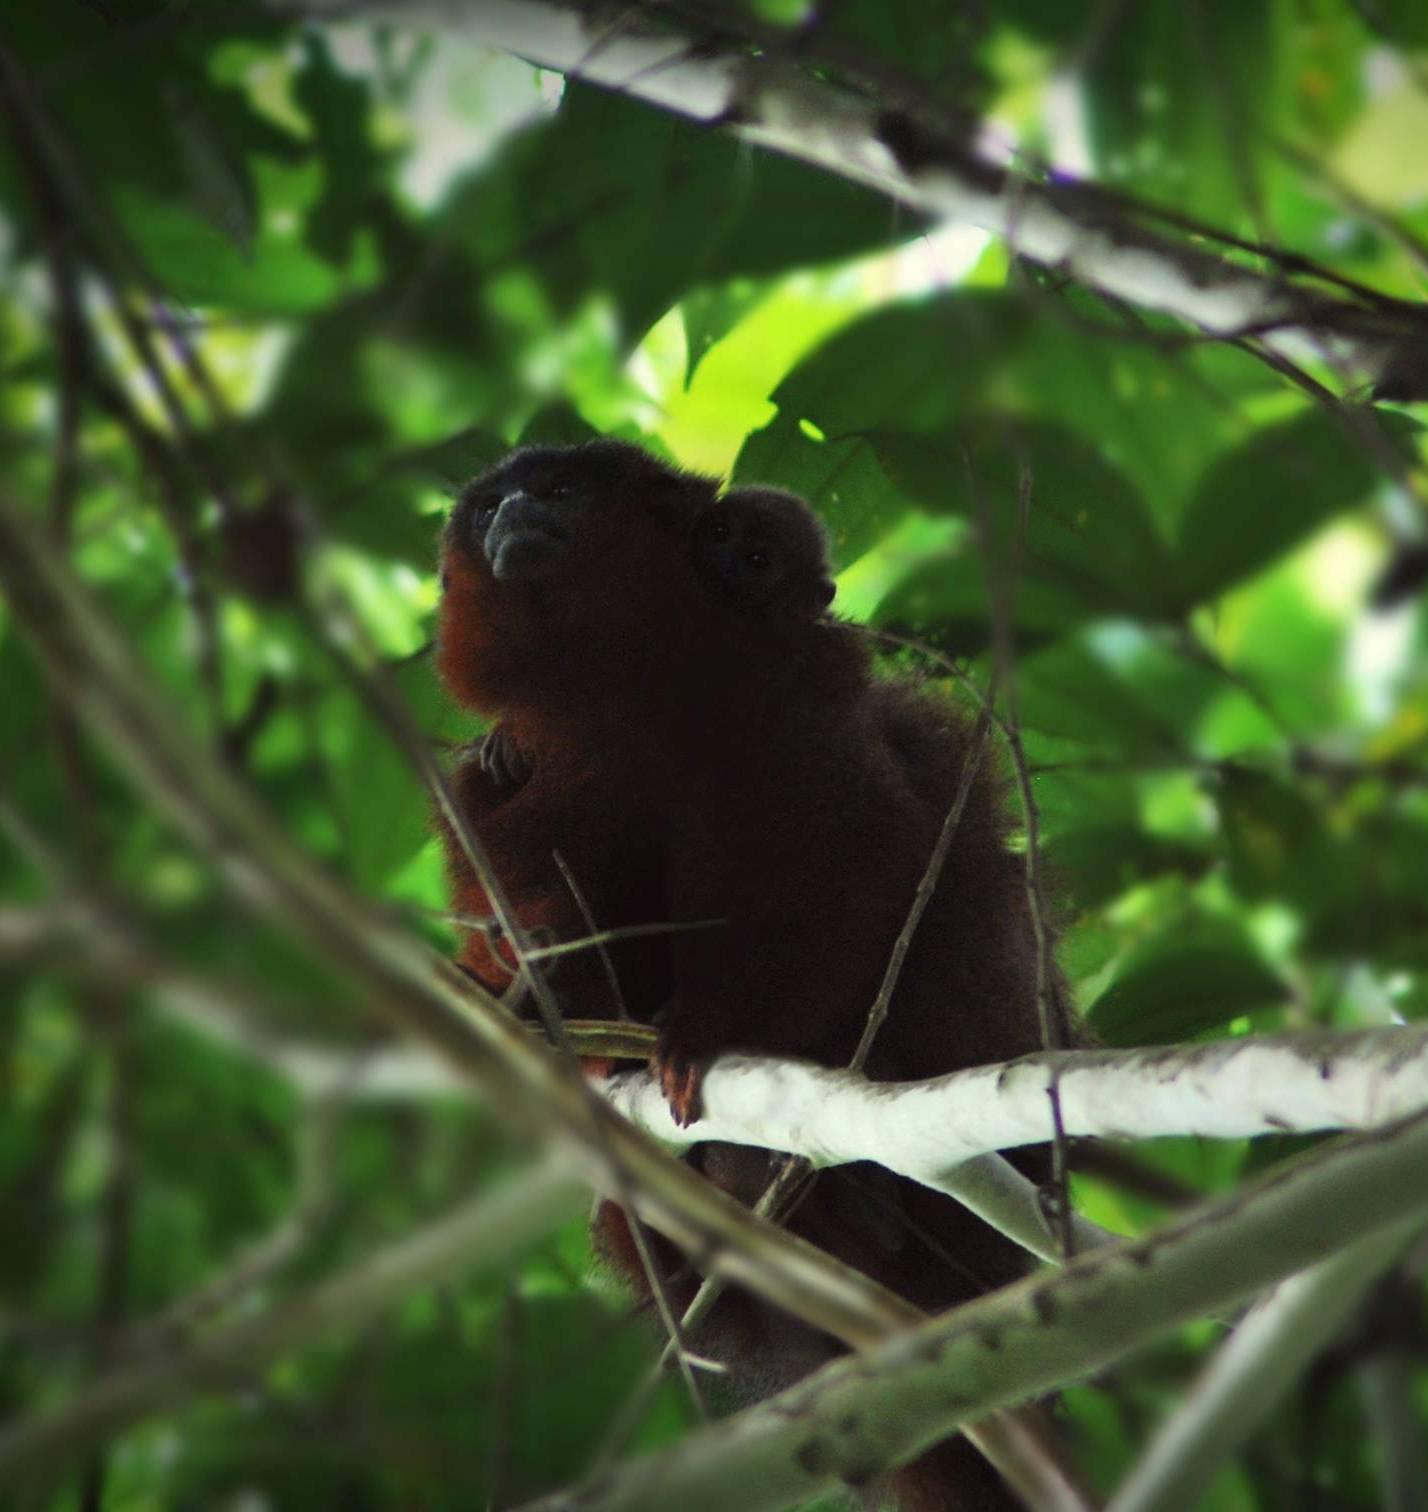 Hasta el momento el Ministerio de Ambiente y Desarrollo Sostenible no ha reconocido a esta especie en la lista de especies amenazadas de Colombia. Foto: Javier García.